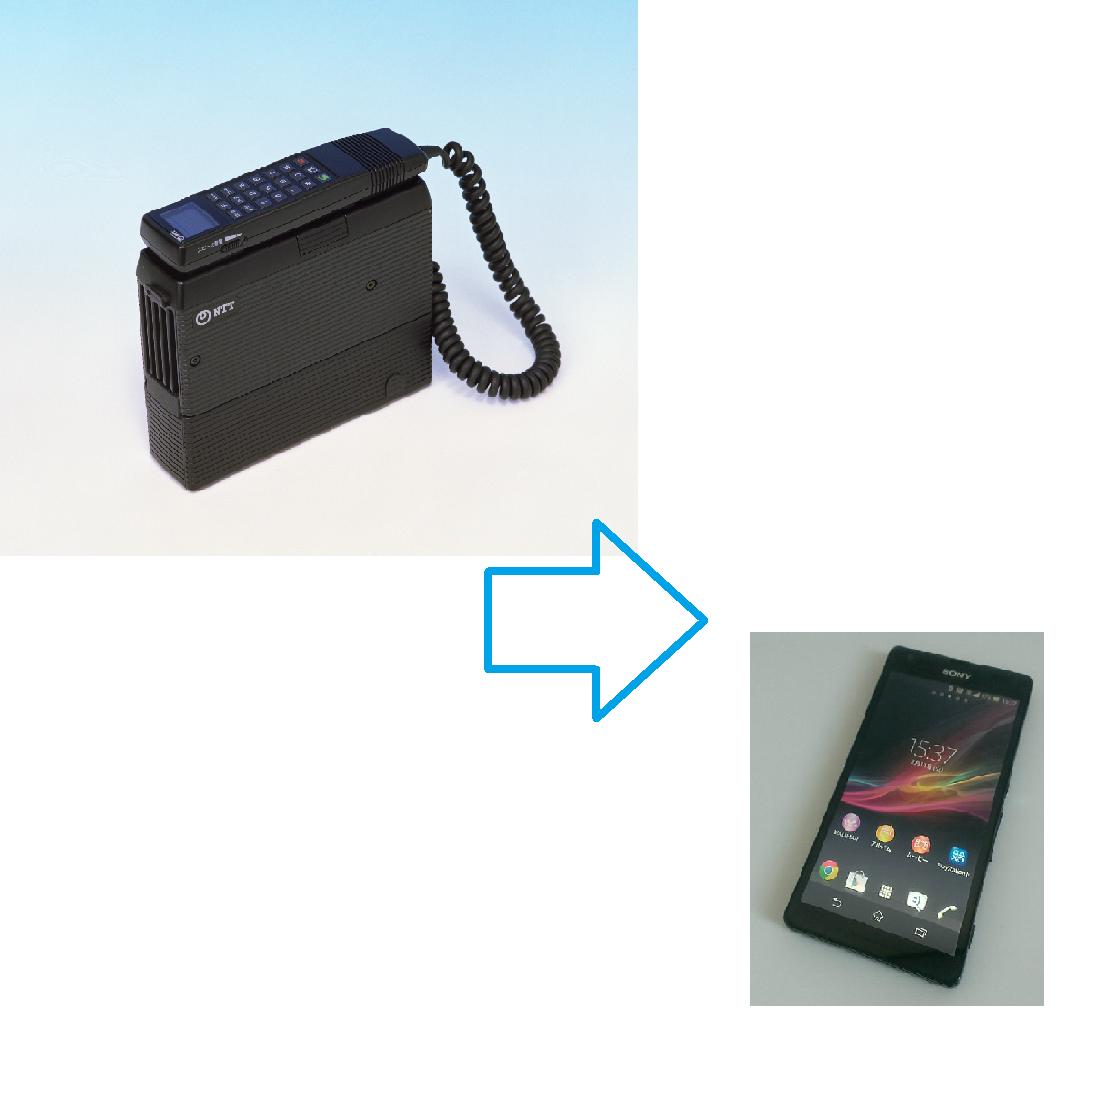 「ショルダーフォン」から「スマホ」へ。30代に突入した携帯電話